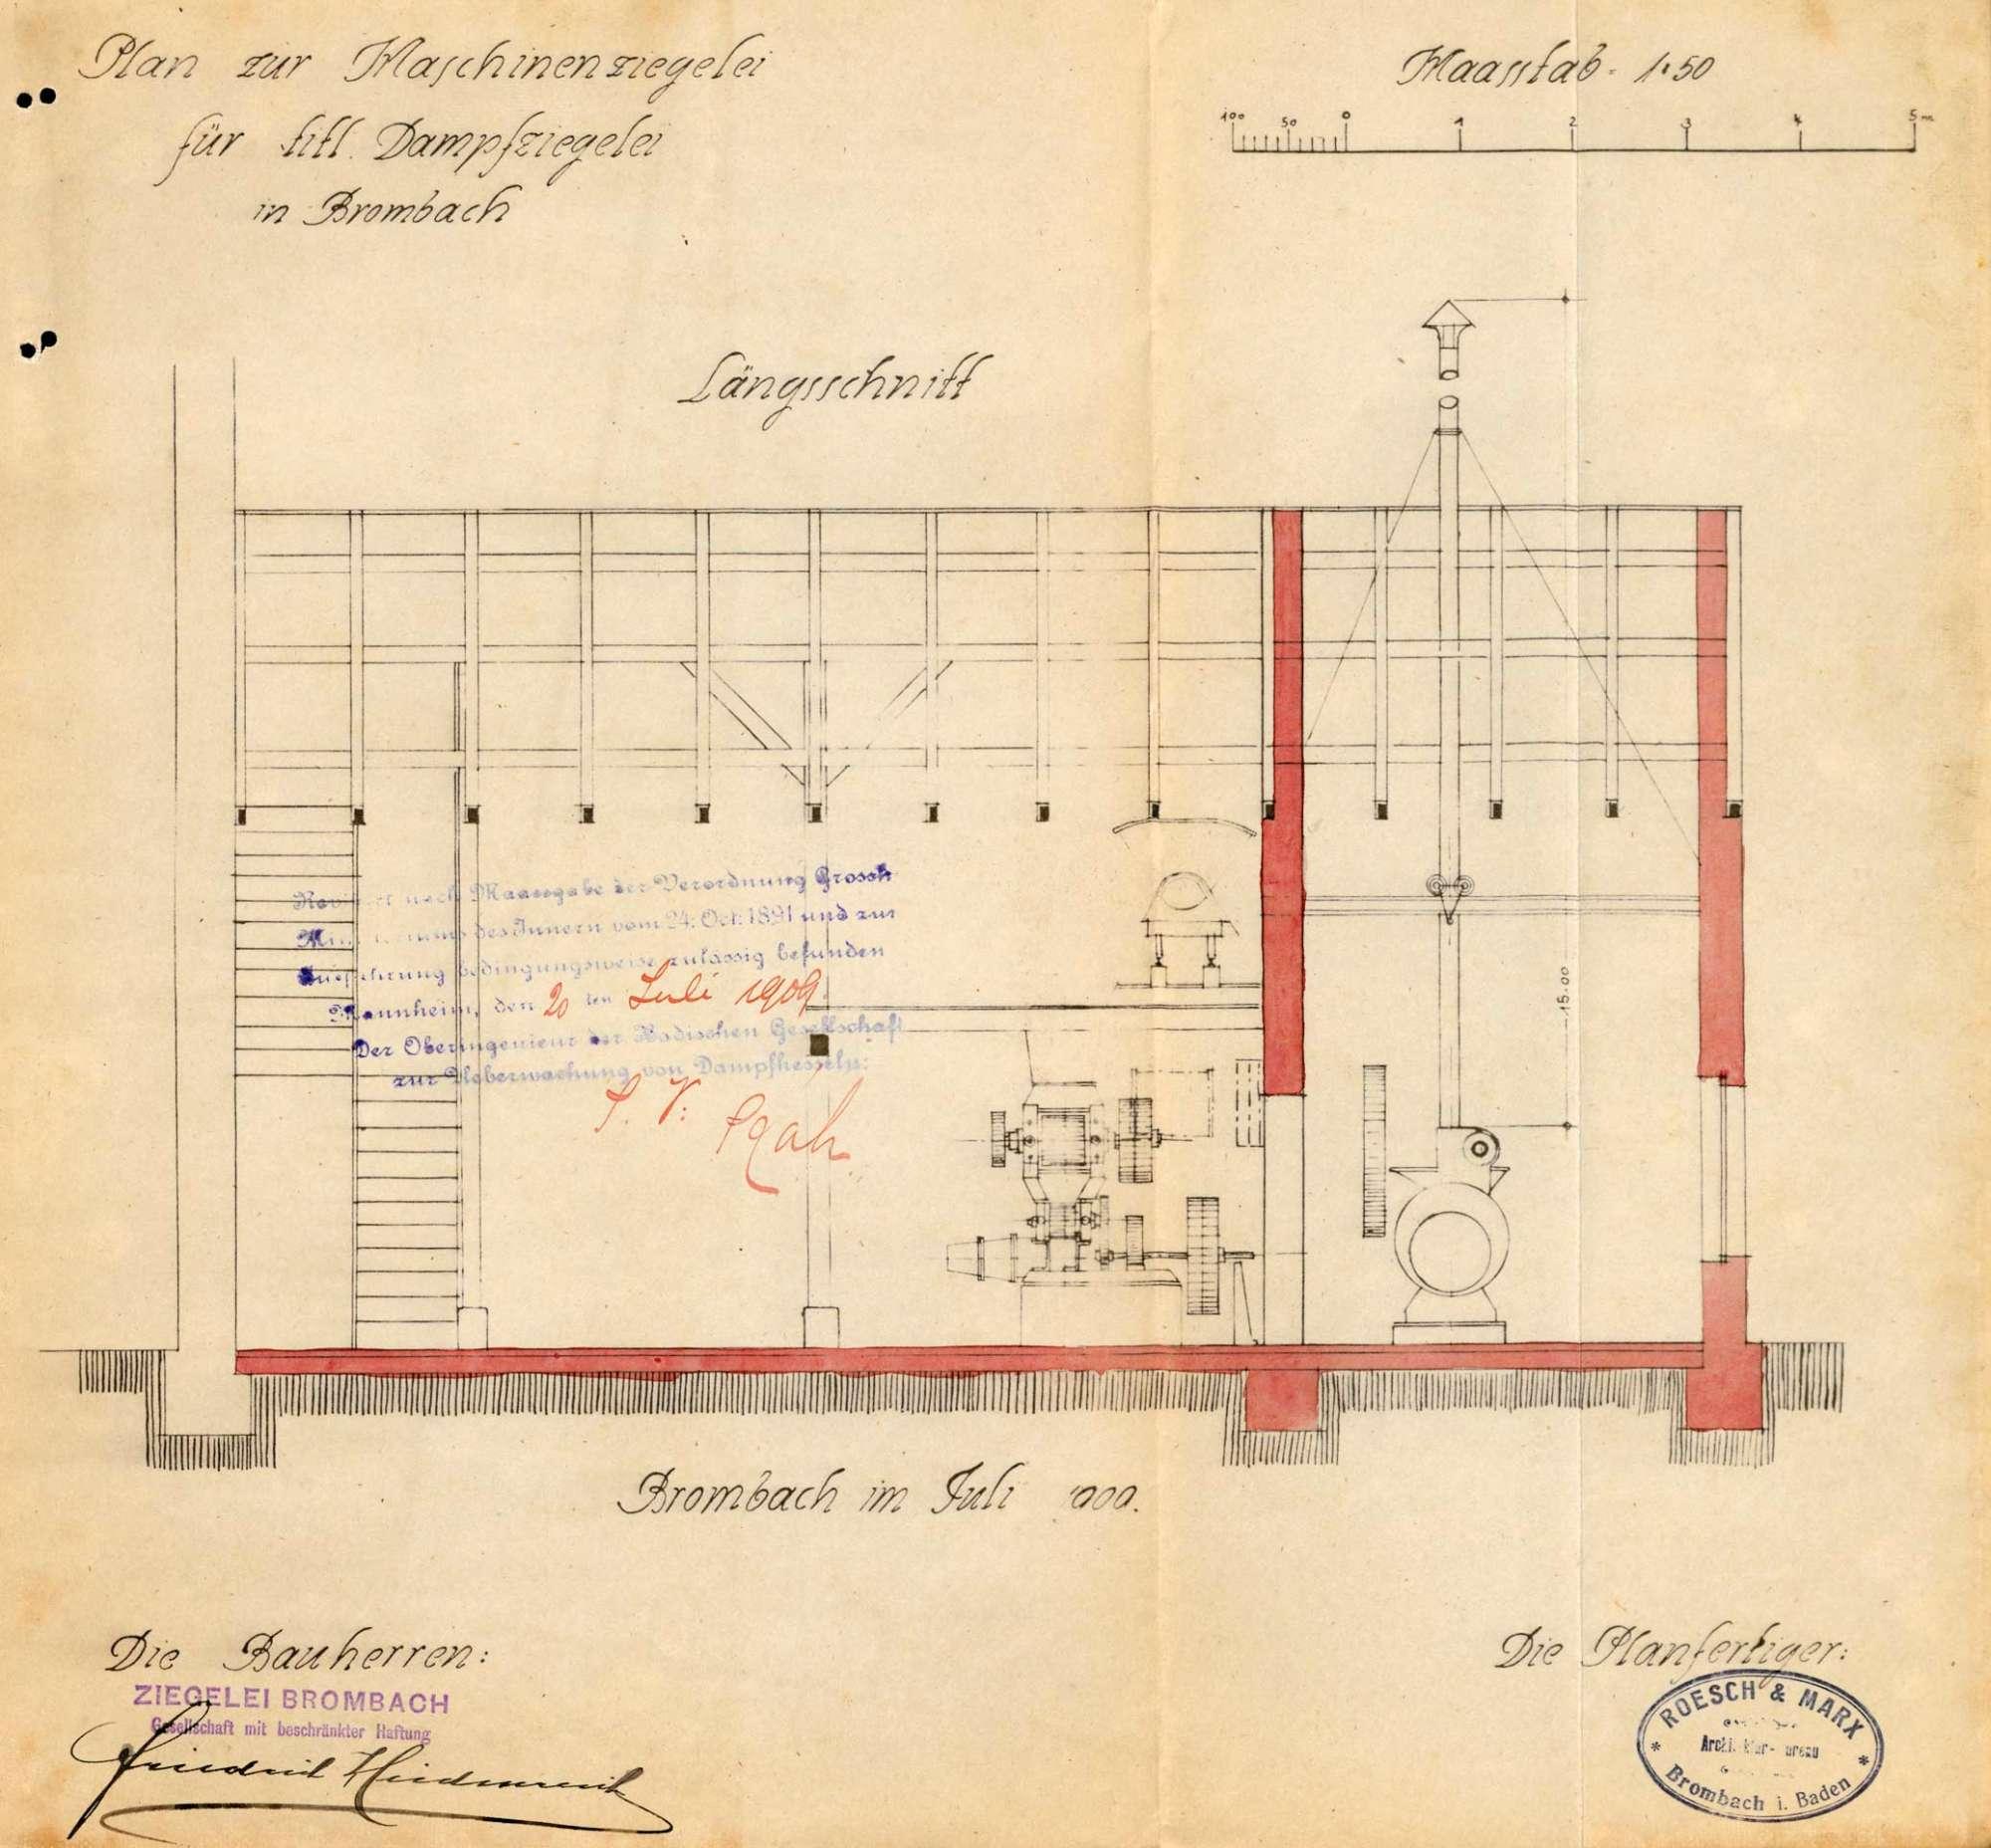 Gesuch der Fa. Ziegelei Brombach um Erlaubnis zur Anlegung eines Dampfkessels, Bild 3